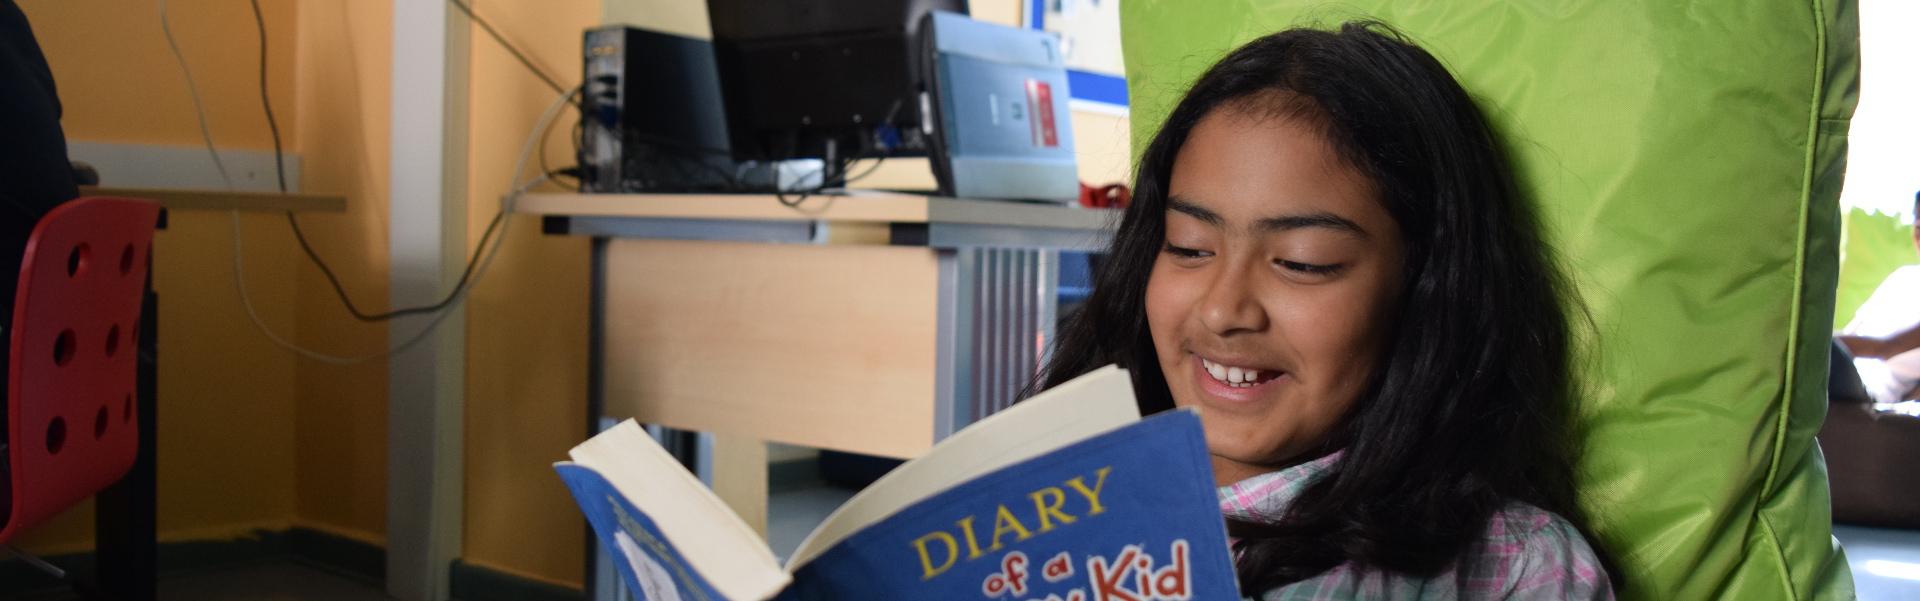 Schülerin lesen Buch